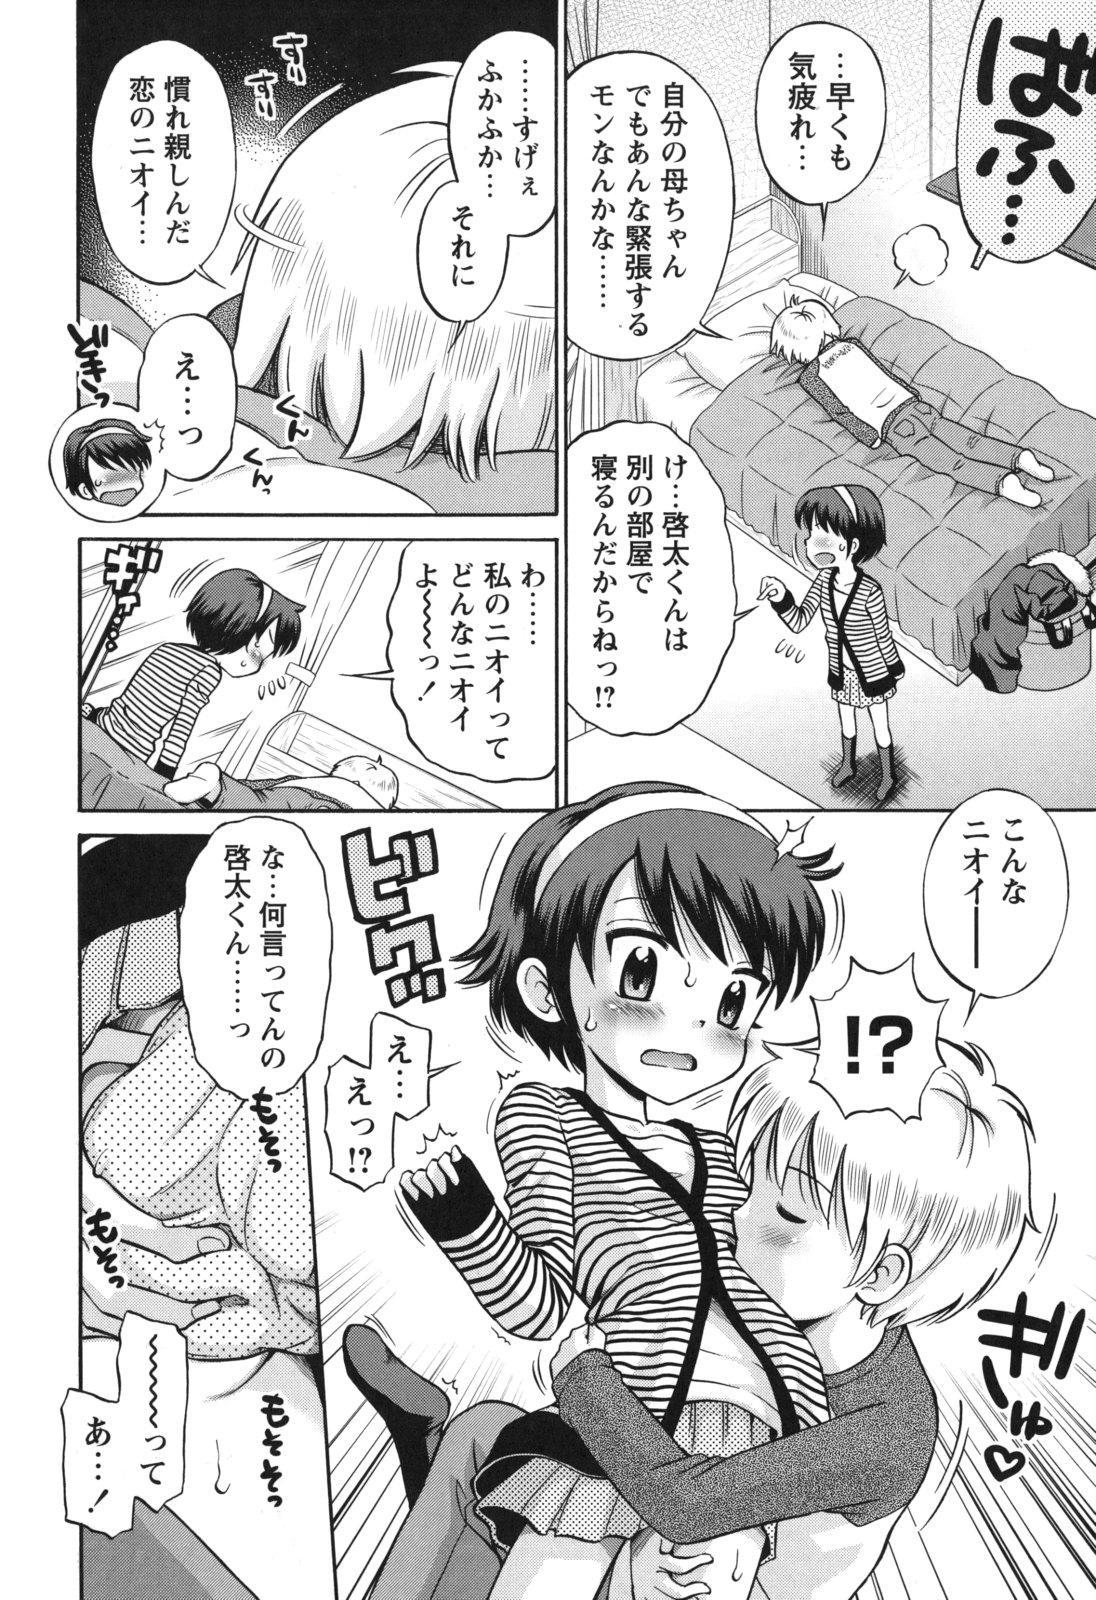 SOS! Sukebe na Osananajimi ga Shinobikondekimashita. 84